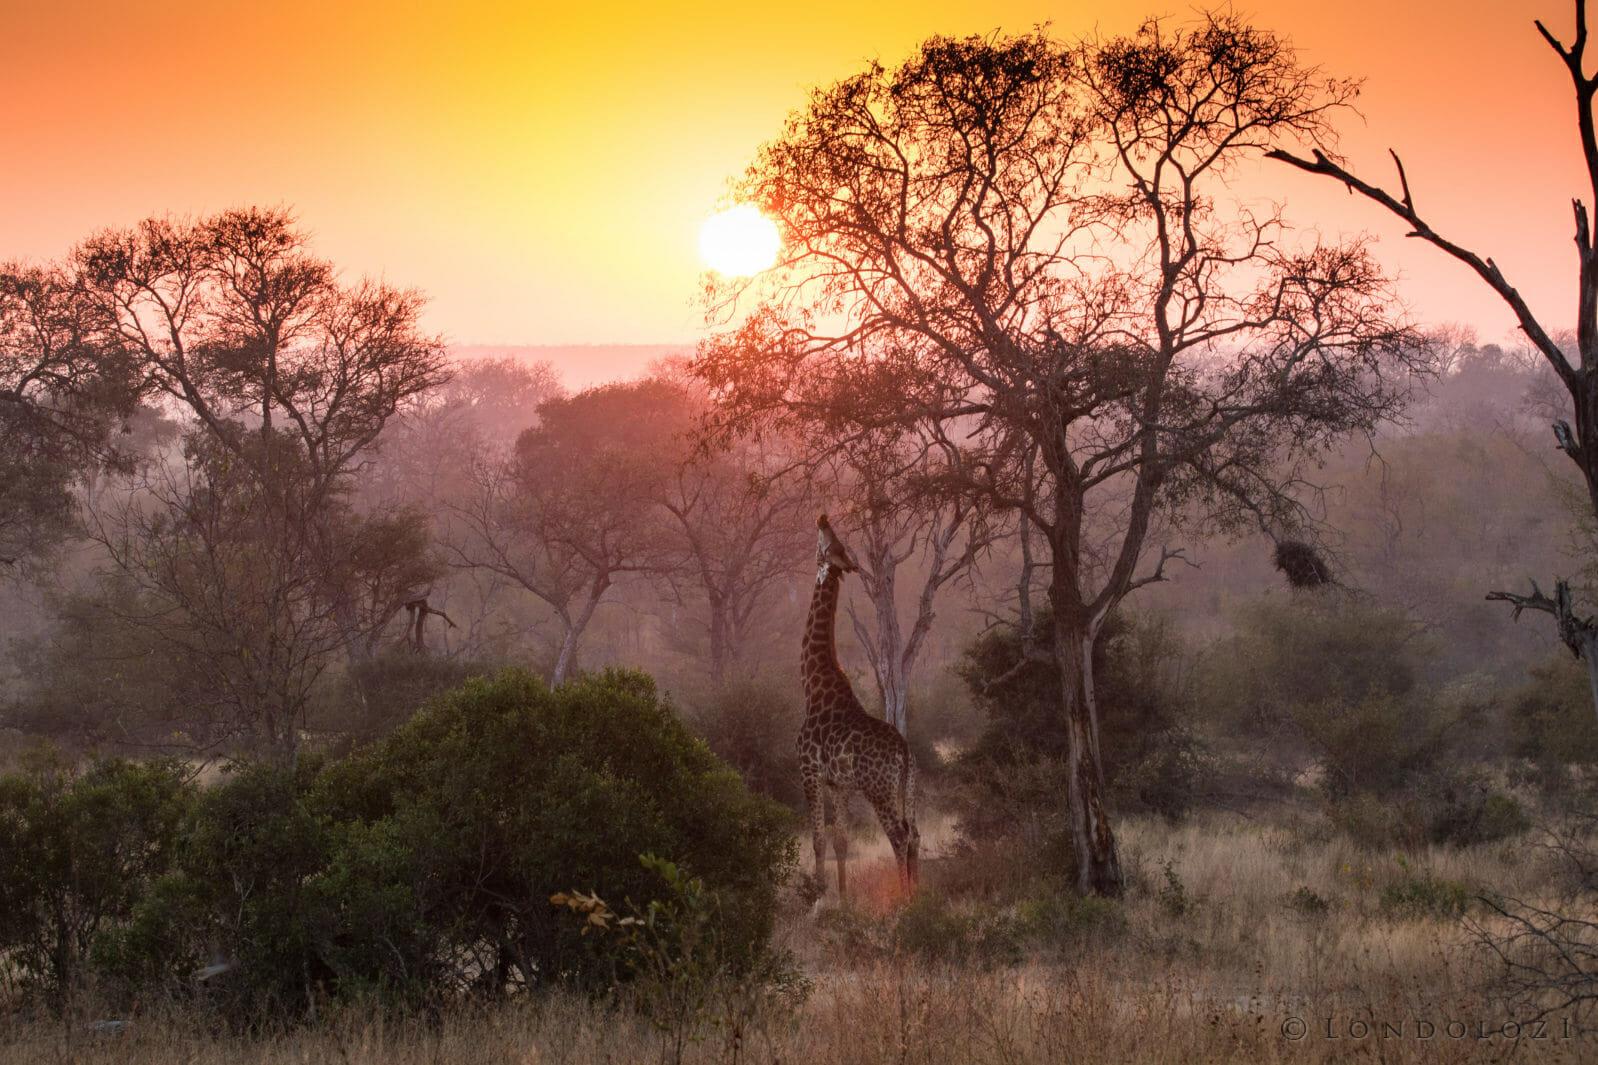 Giraffe Sunset Guy Brunskill